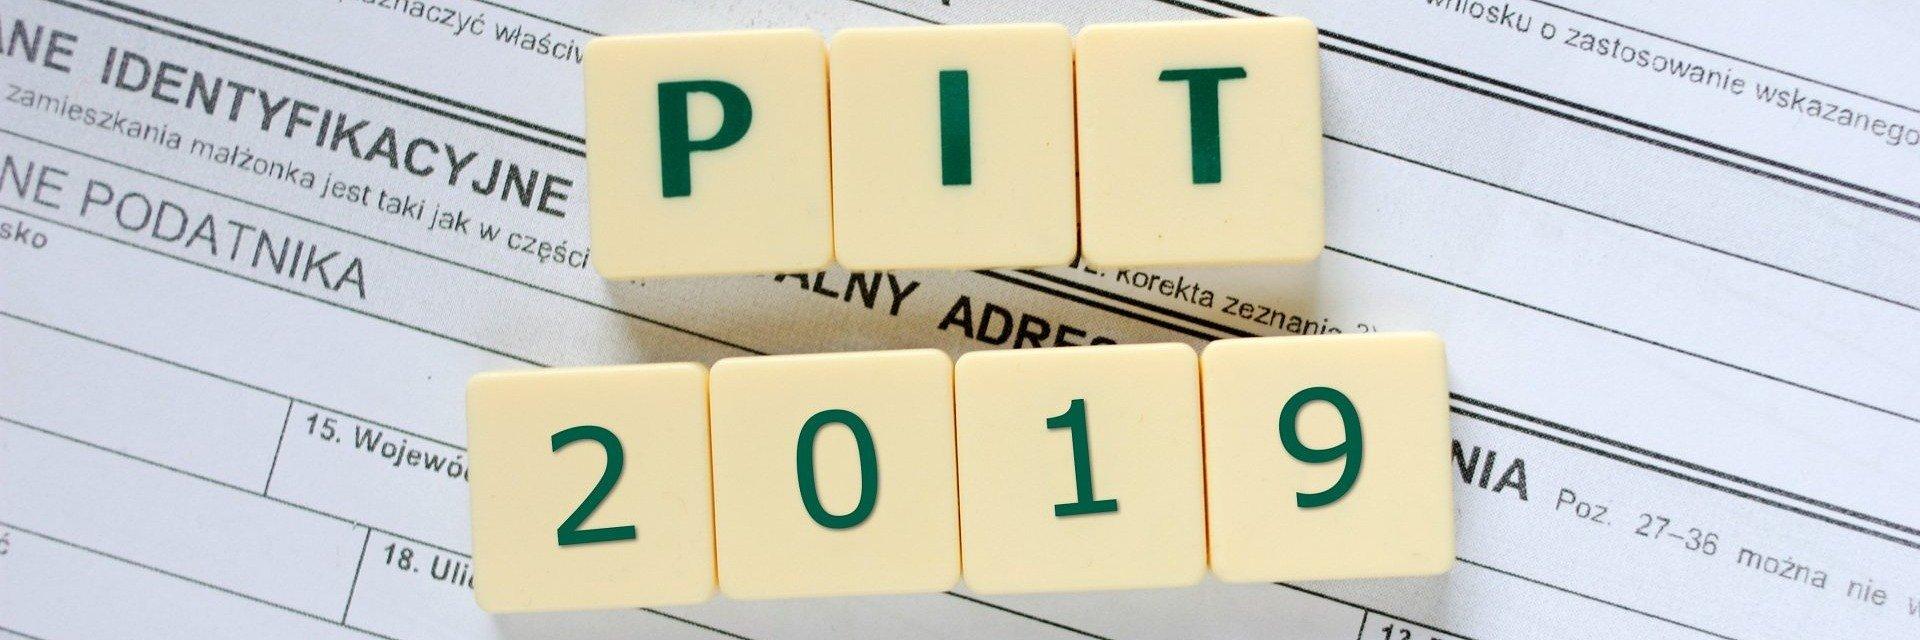 Roczne zeznanie PIT złóż do końca kwietnia